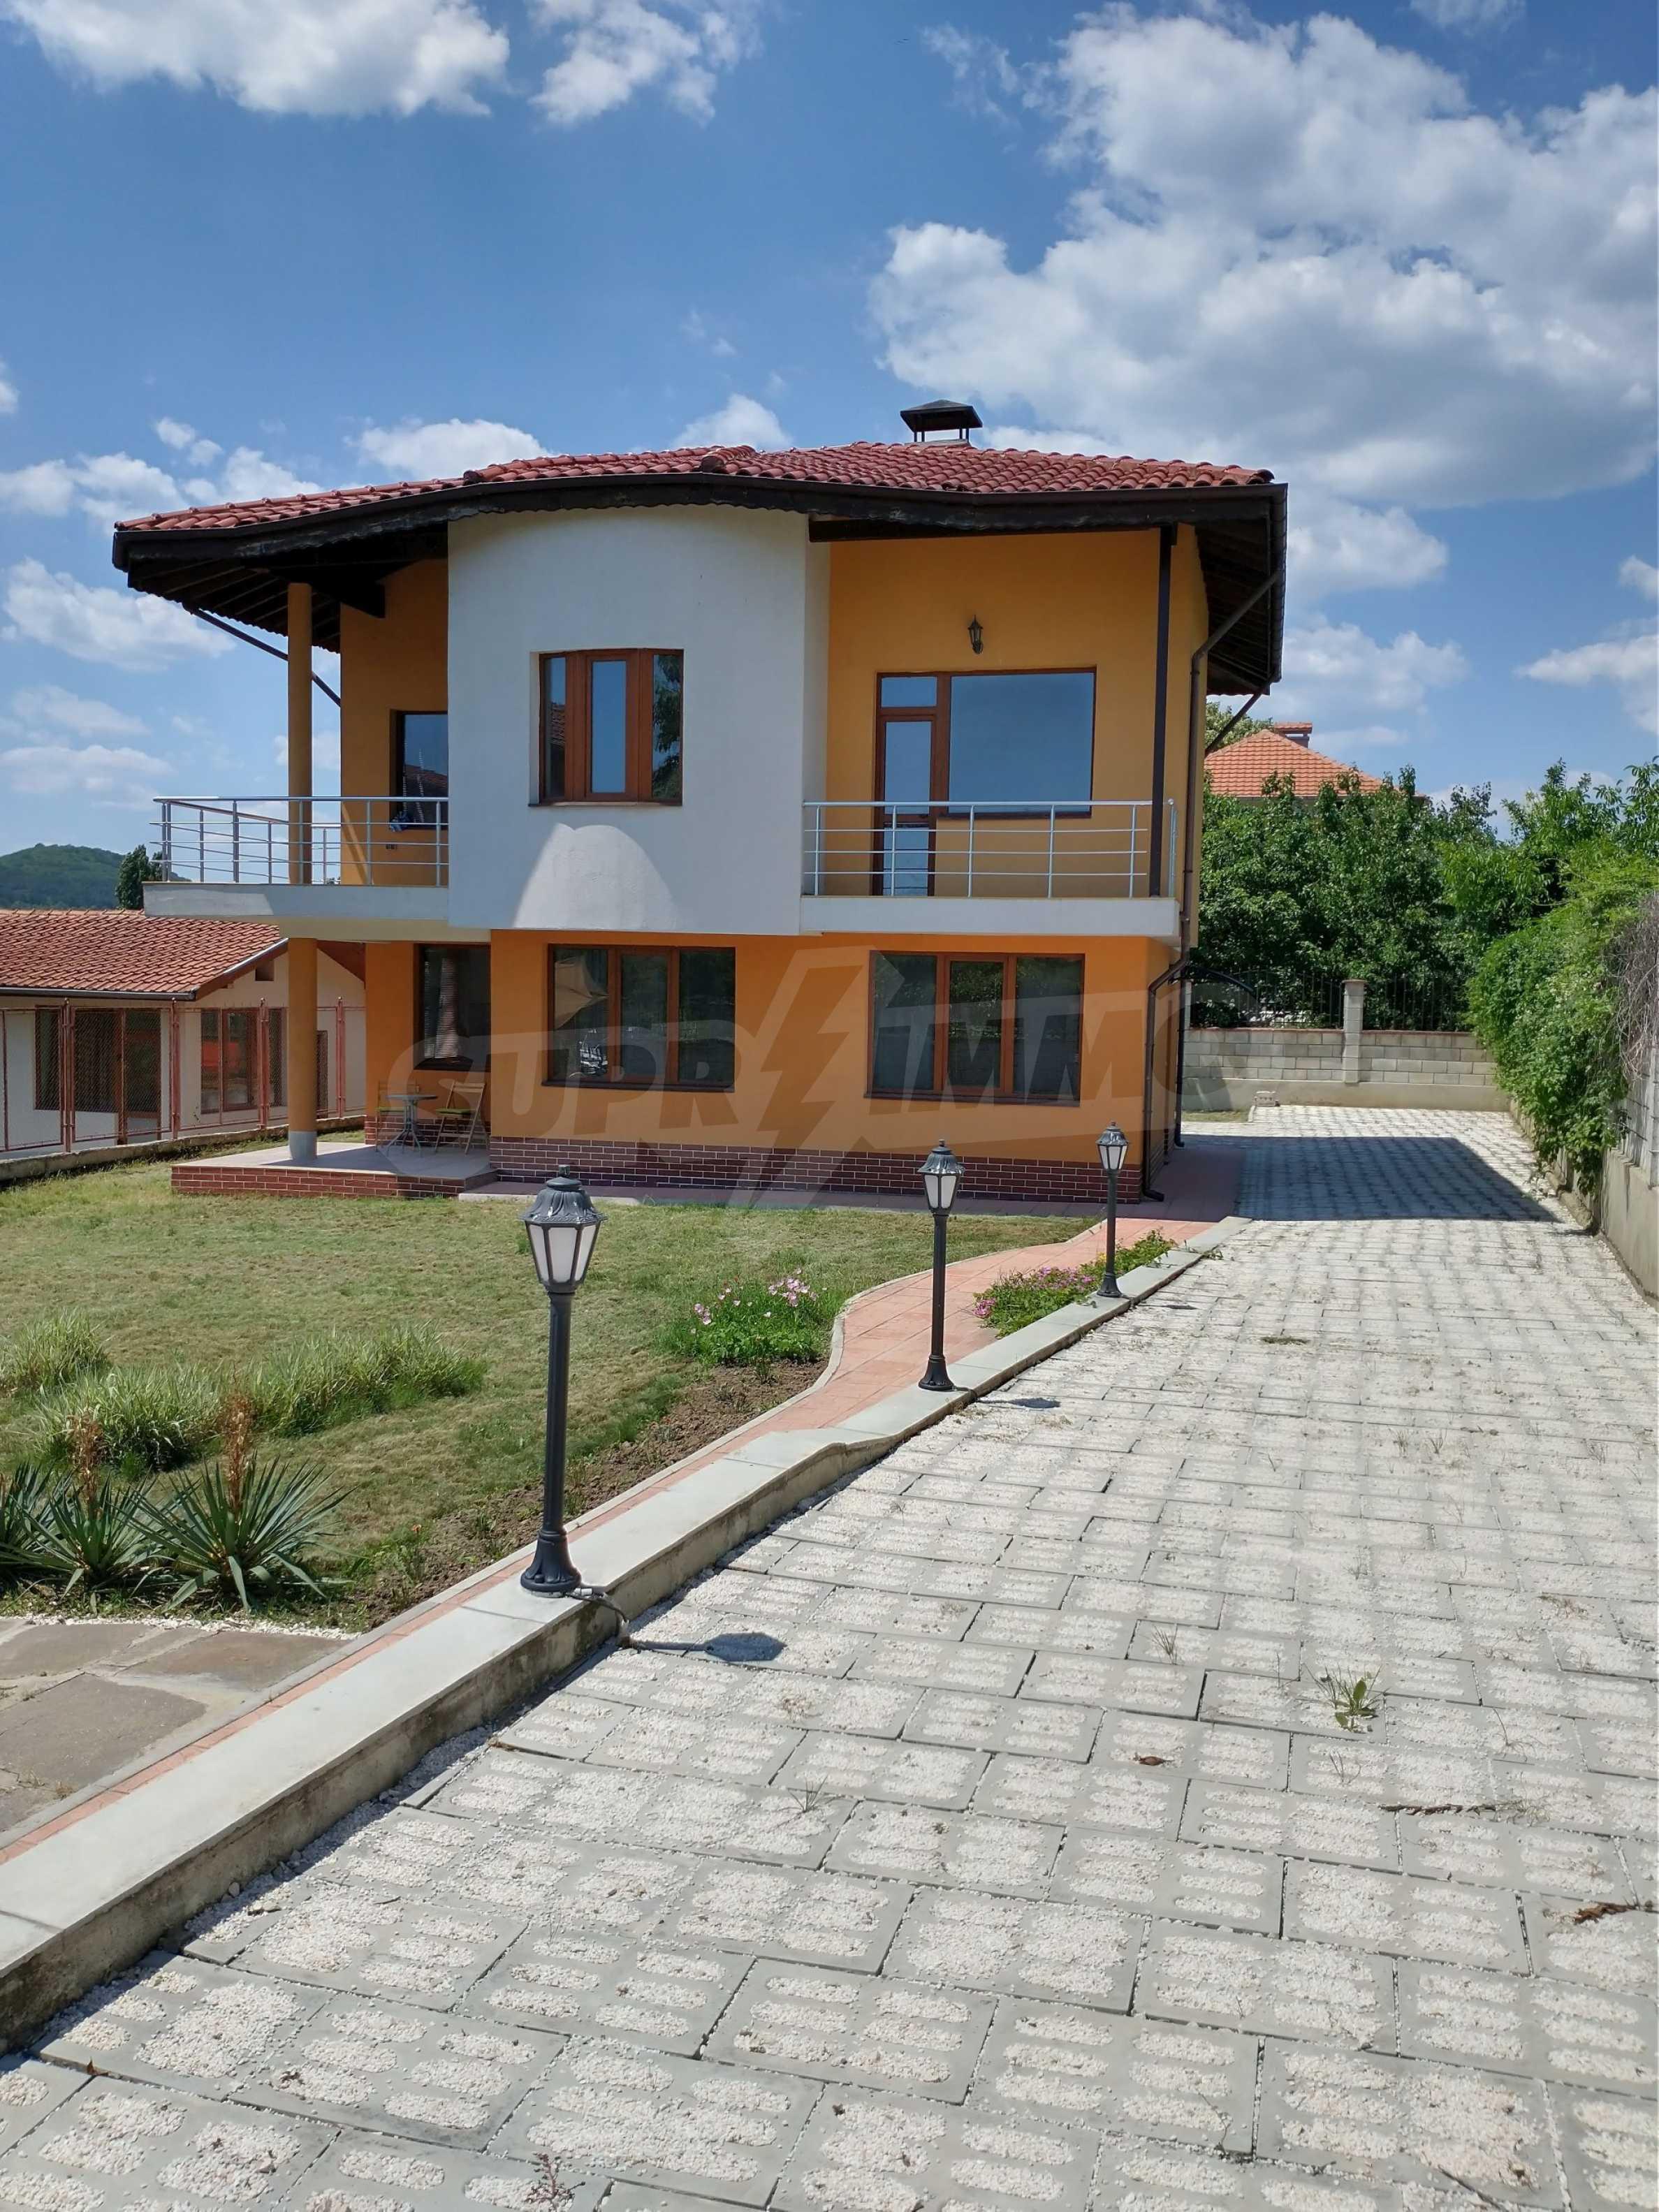 Schönes, dreistöckiges Haus in der Nähe von Warna 20